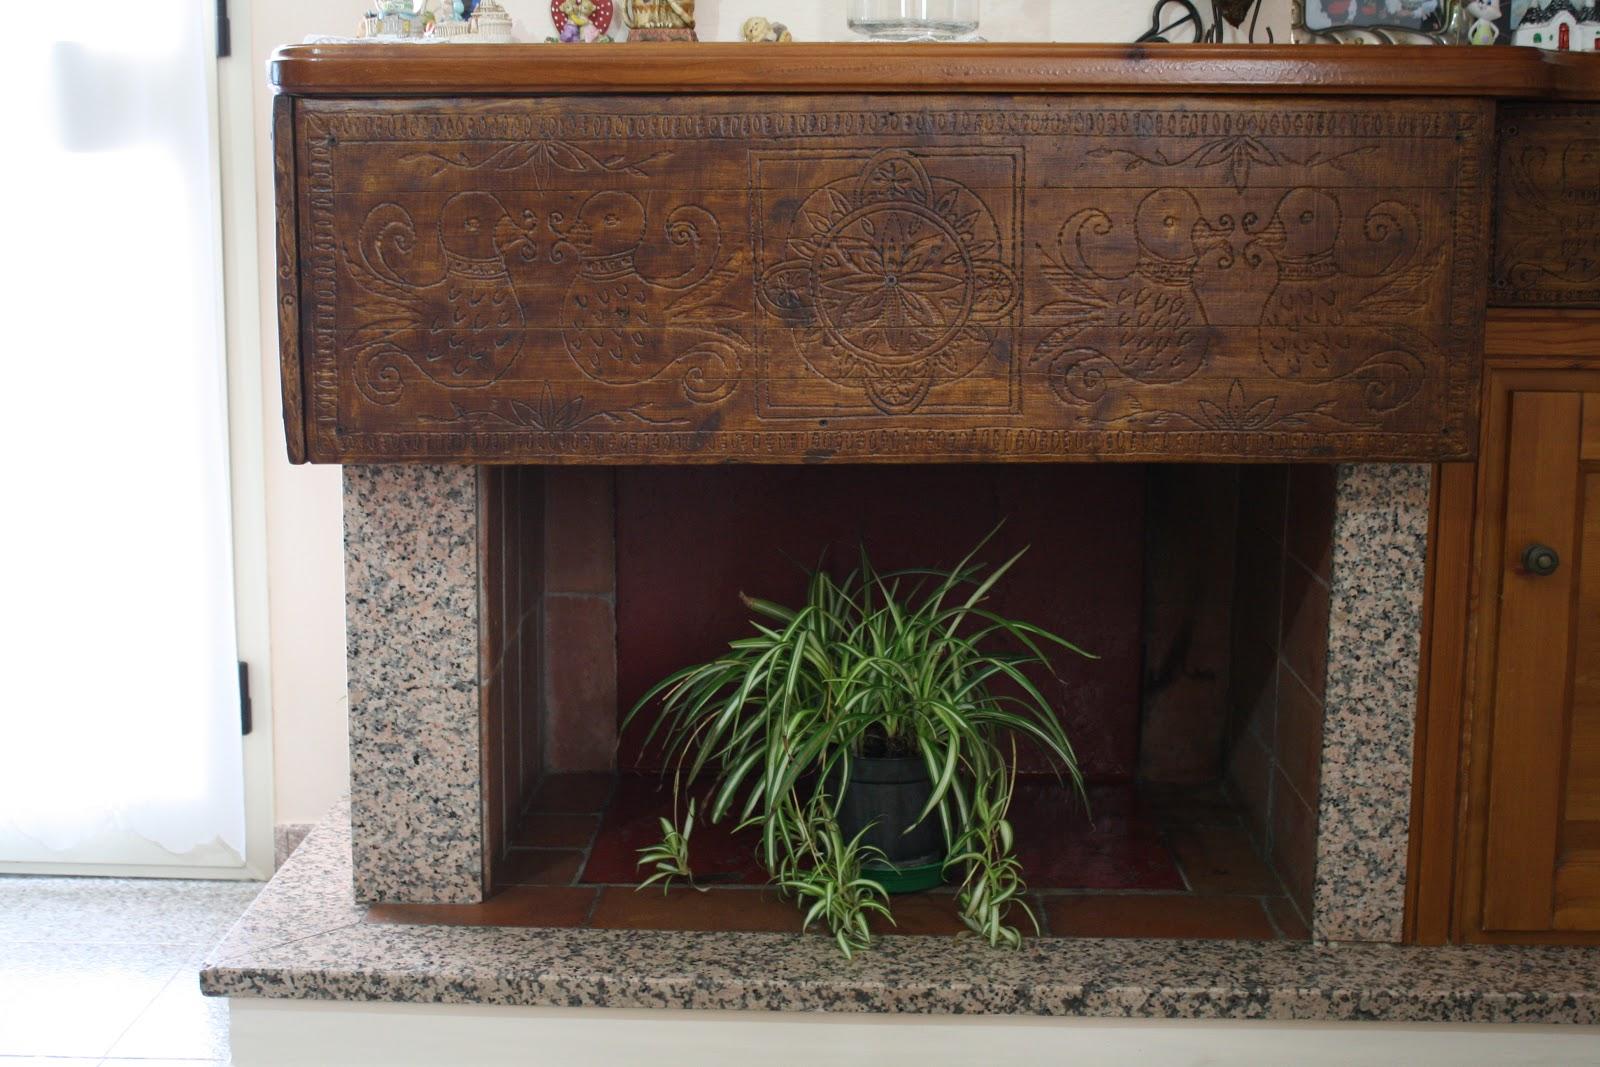 Legno Decorativo Per Camino oggetti in legno fatti a mano, paristazzos ( piattaie in